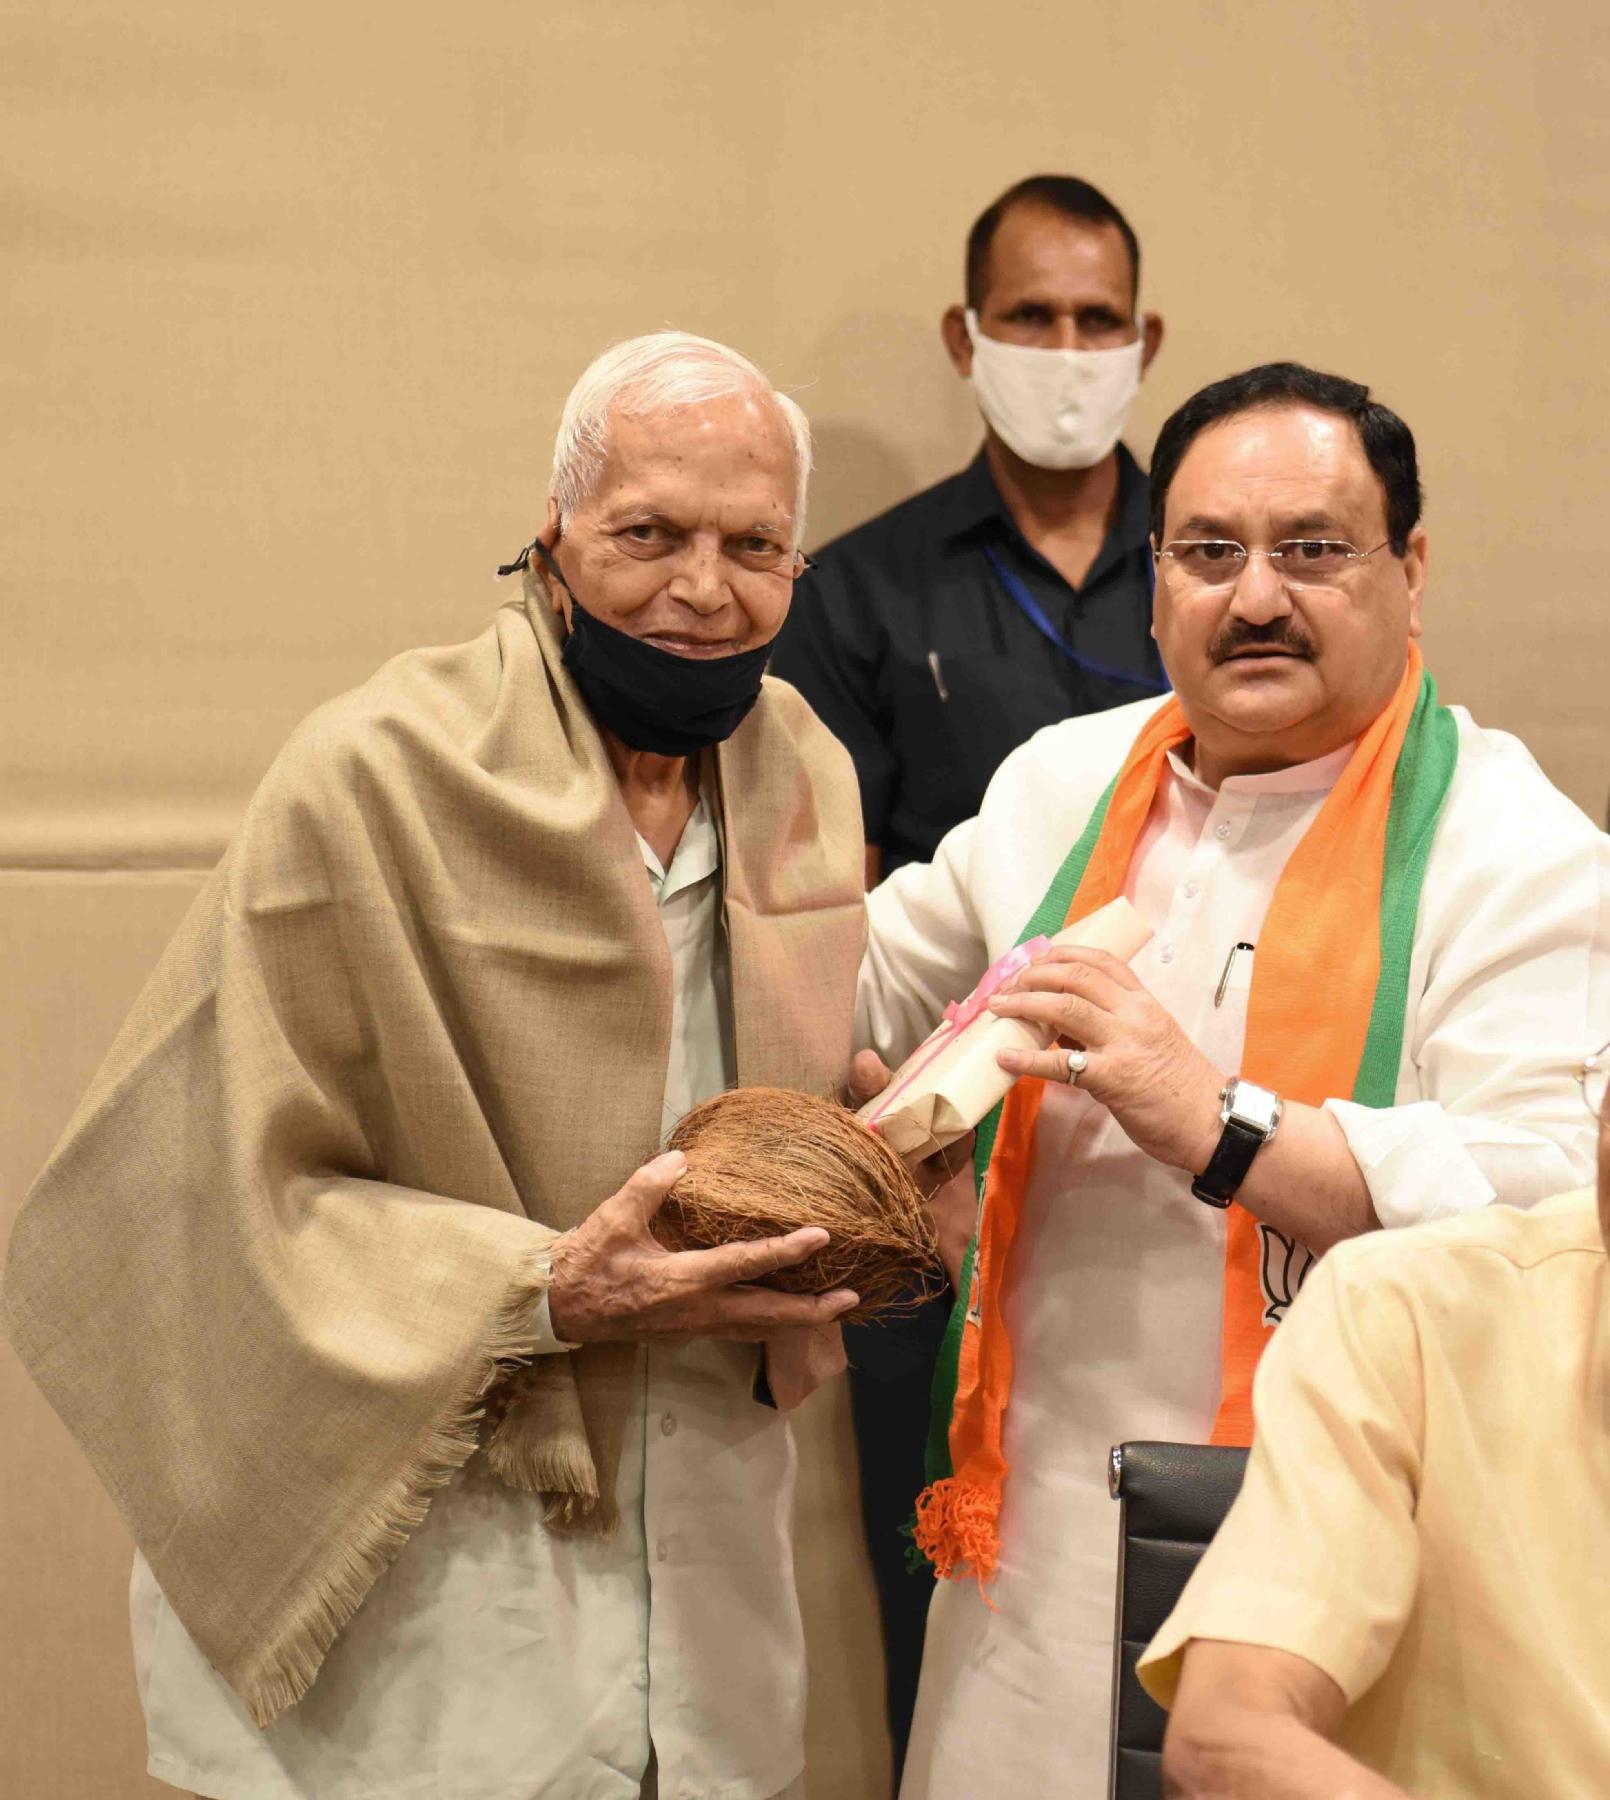 नई दिल्ली में शनिवार 25 सितंबर को भाजपा राष्ट्रीय अध्यक्ष जेपी नड्डा पार्टी मुख्यालय में पंडित दीनदयाल उपाध्याय की जन्म जयंती पर पुष्पांजलि अर्पित करते औरसभा को संबोधित किया। फोटो गणेश बिष्ट